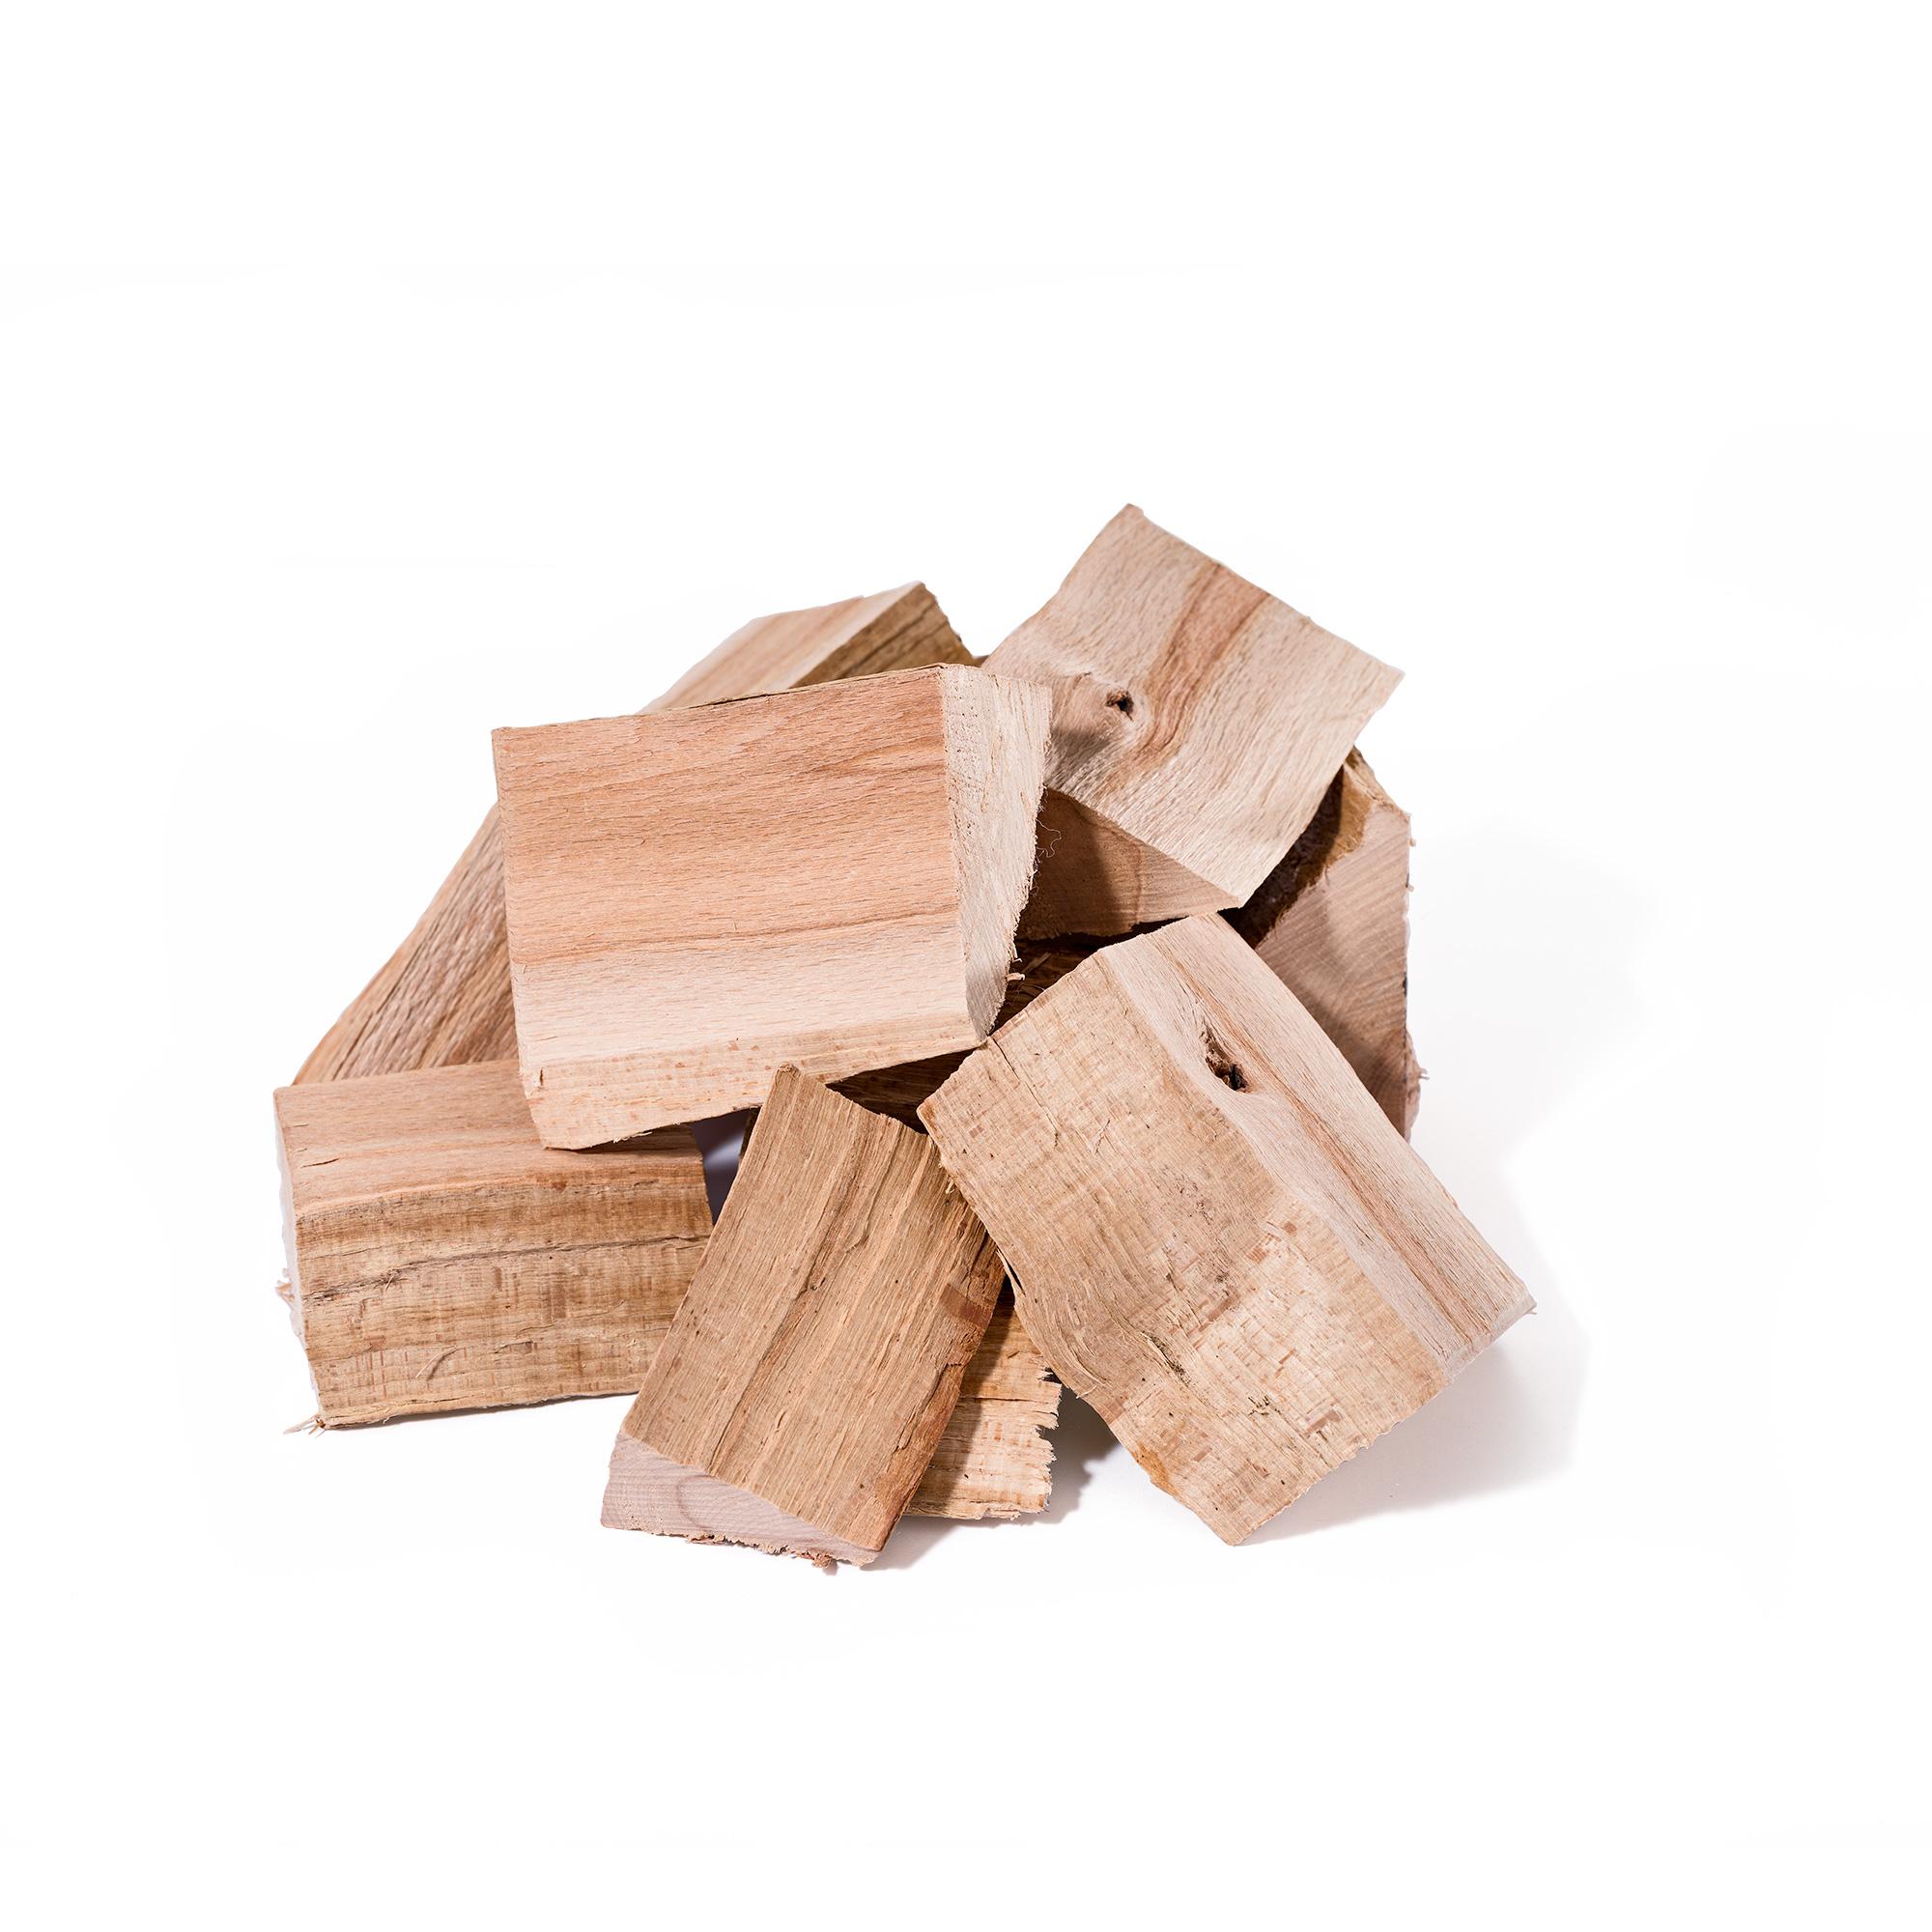 firewood shop ron orp. Black Bedroom Furniture Sets. Home Design Ideas